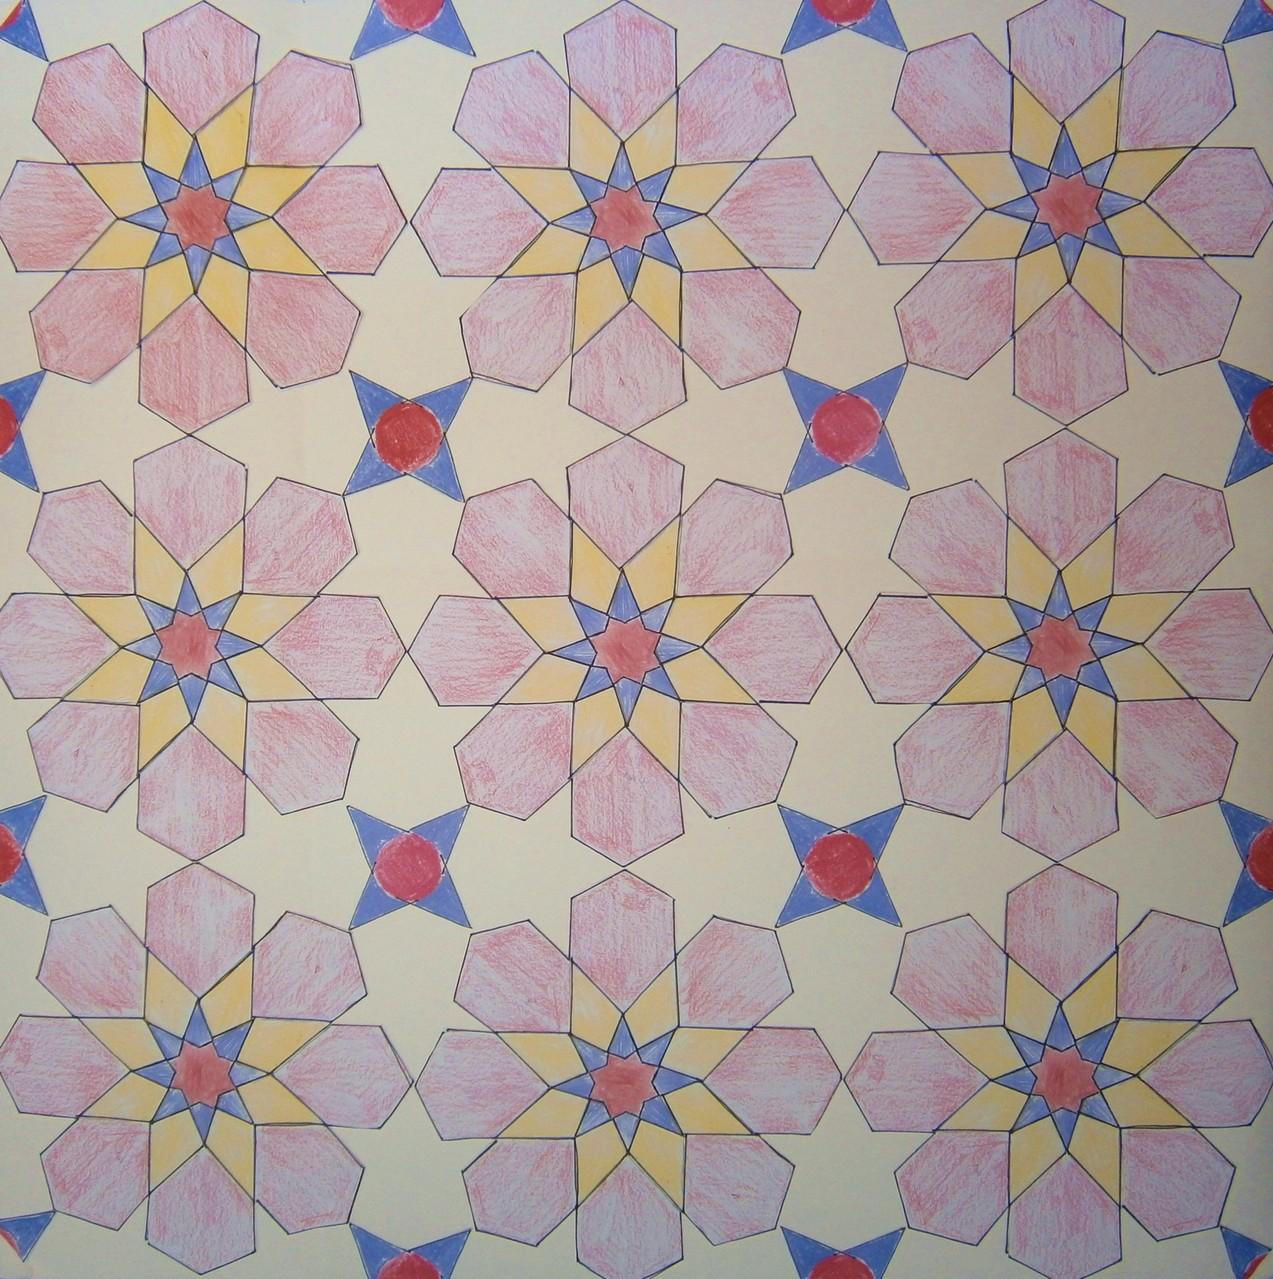 Mozaiek met achtvoudige lokale symmetrie.